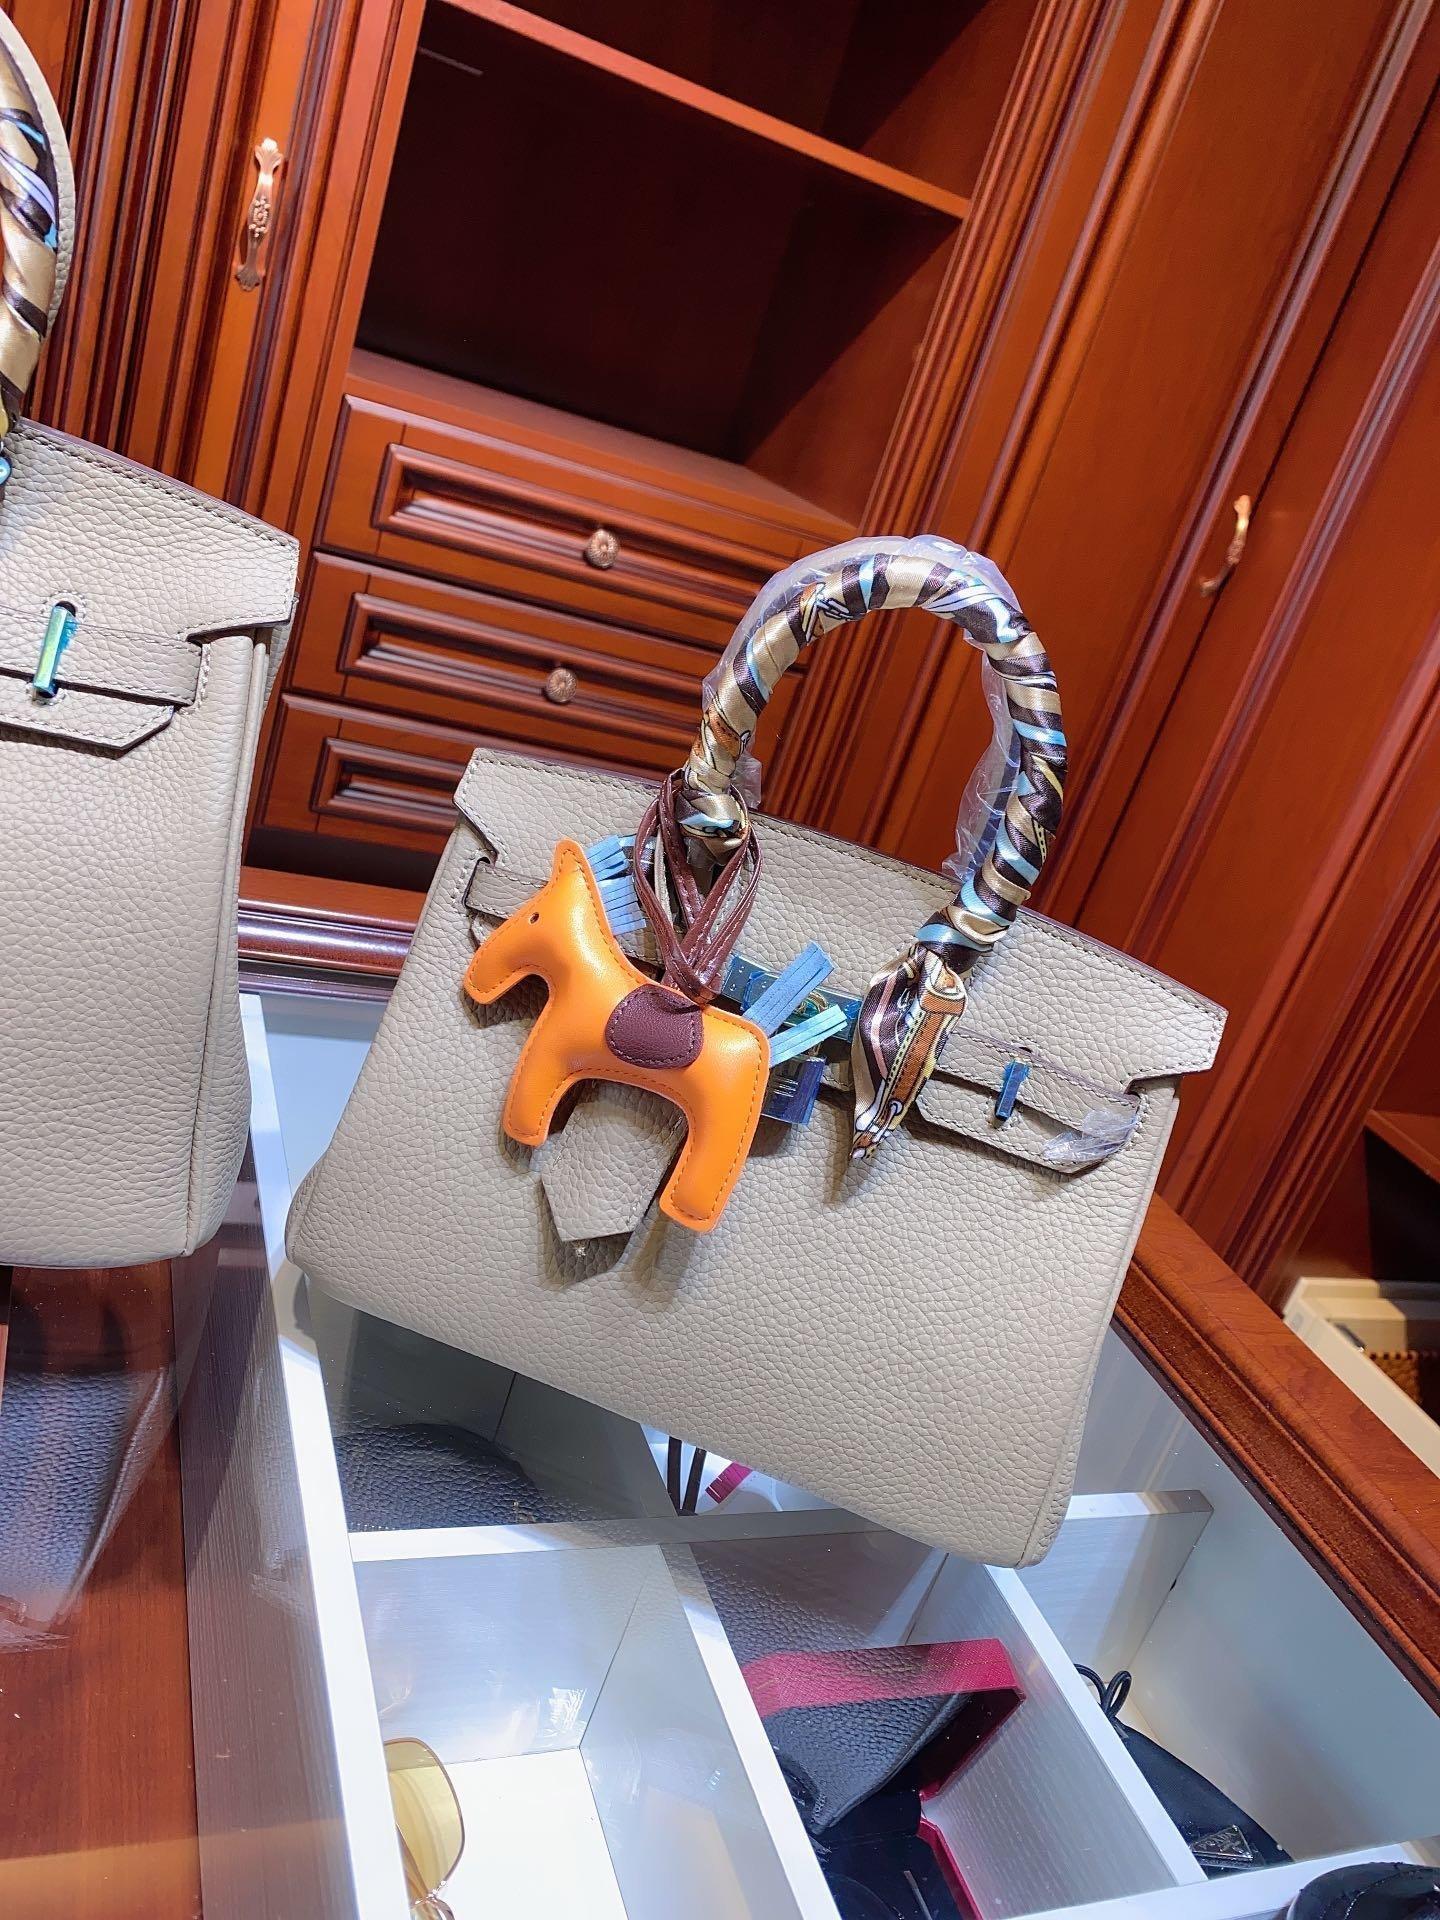 playa diseñador bolsas bolsas bolsas de los bolsos mujeres de hombro libres del envío nuevo al por mayor la mejor venta favorita hermosa XE34 Partido